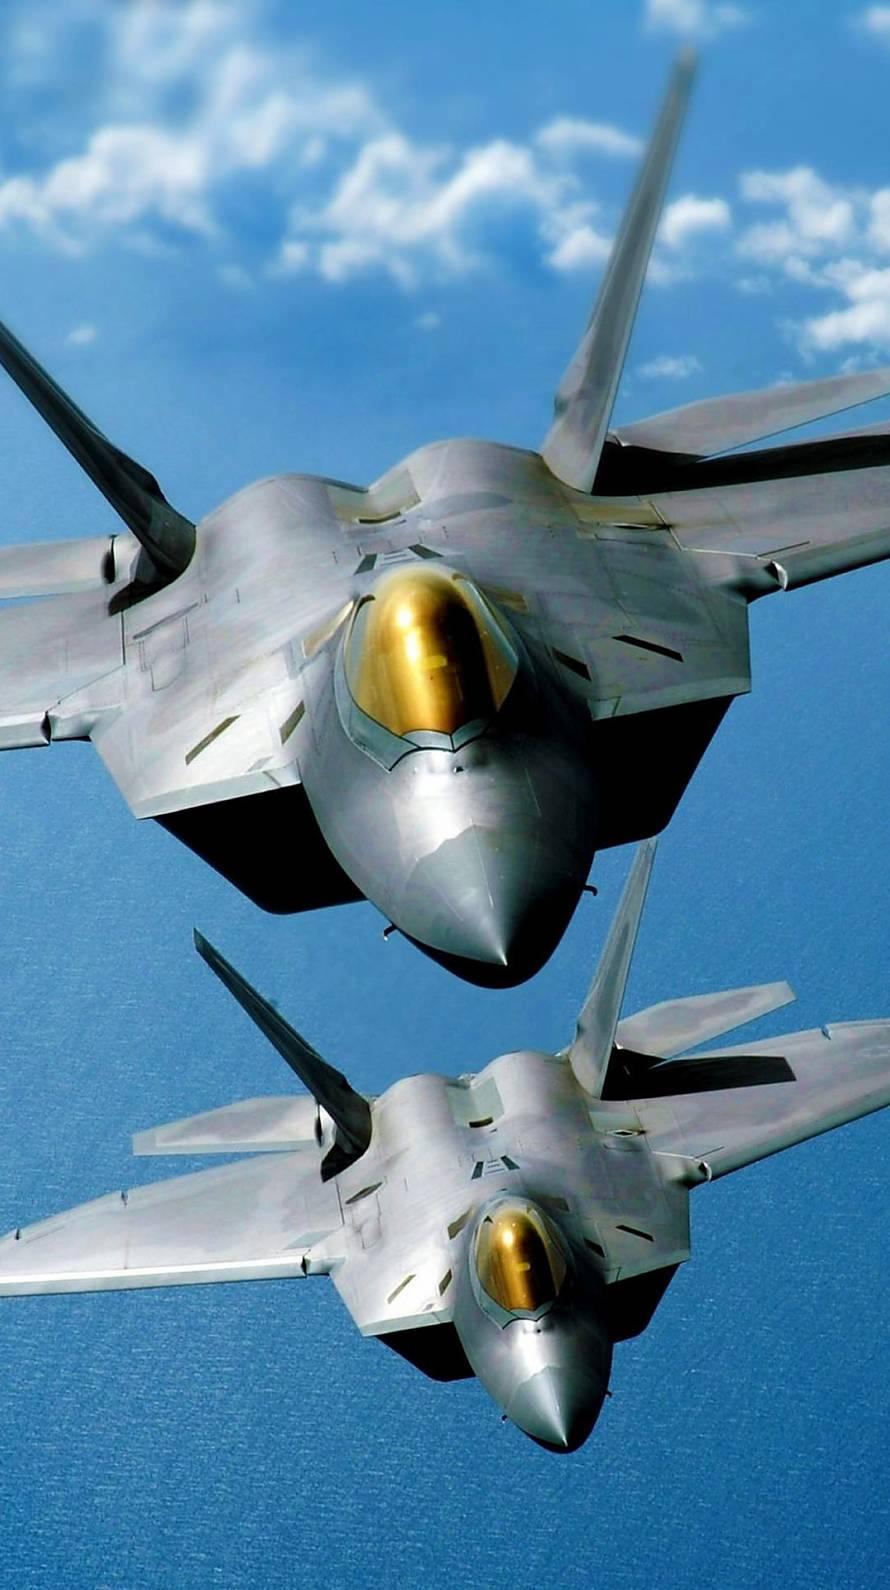 2機の戦闘機 iPhone6壁紙